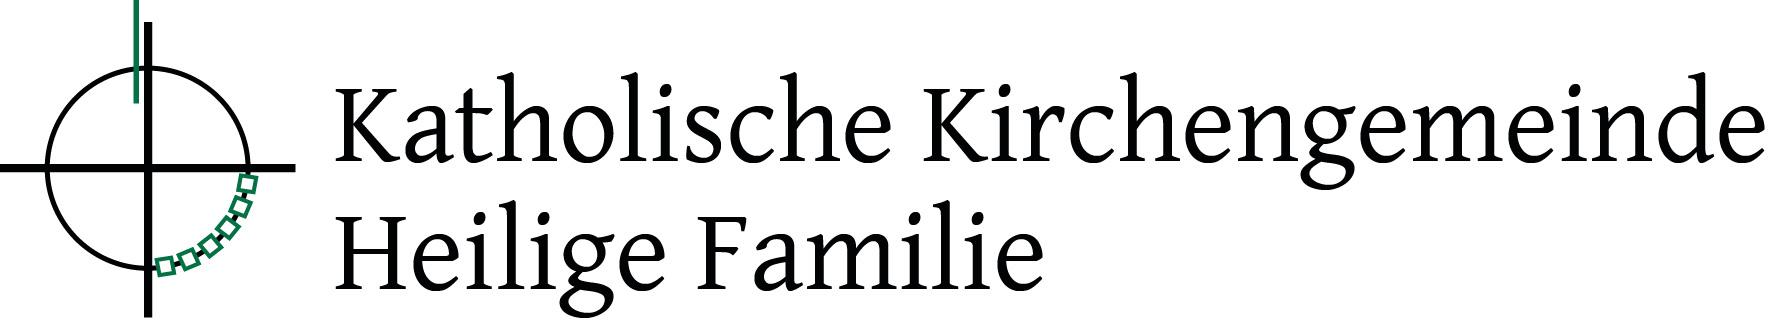 Katholische Kirchengemeinde Heilige Familie